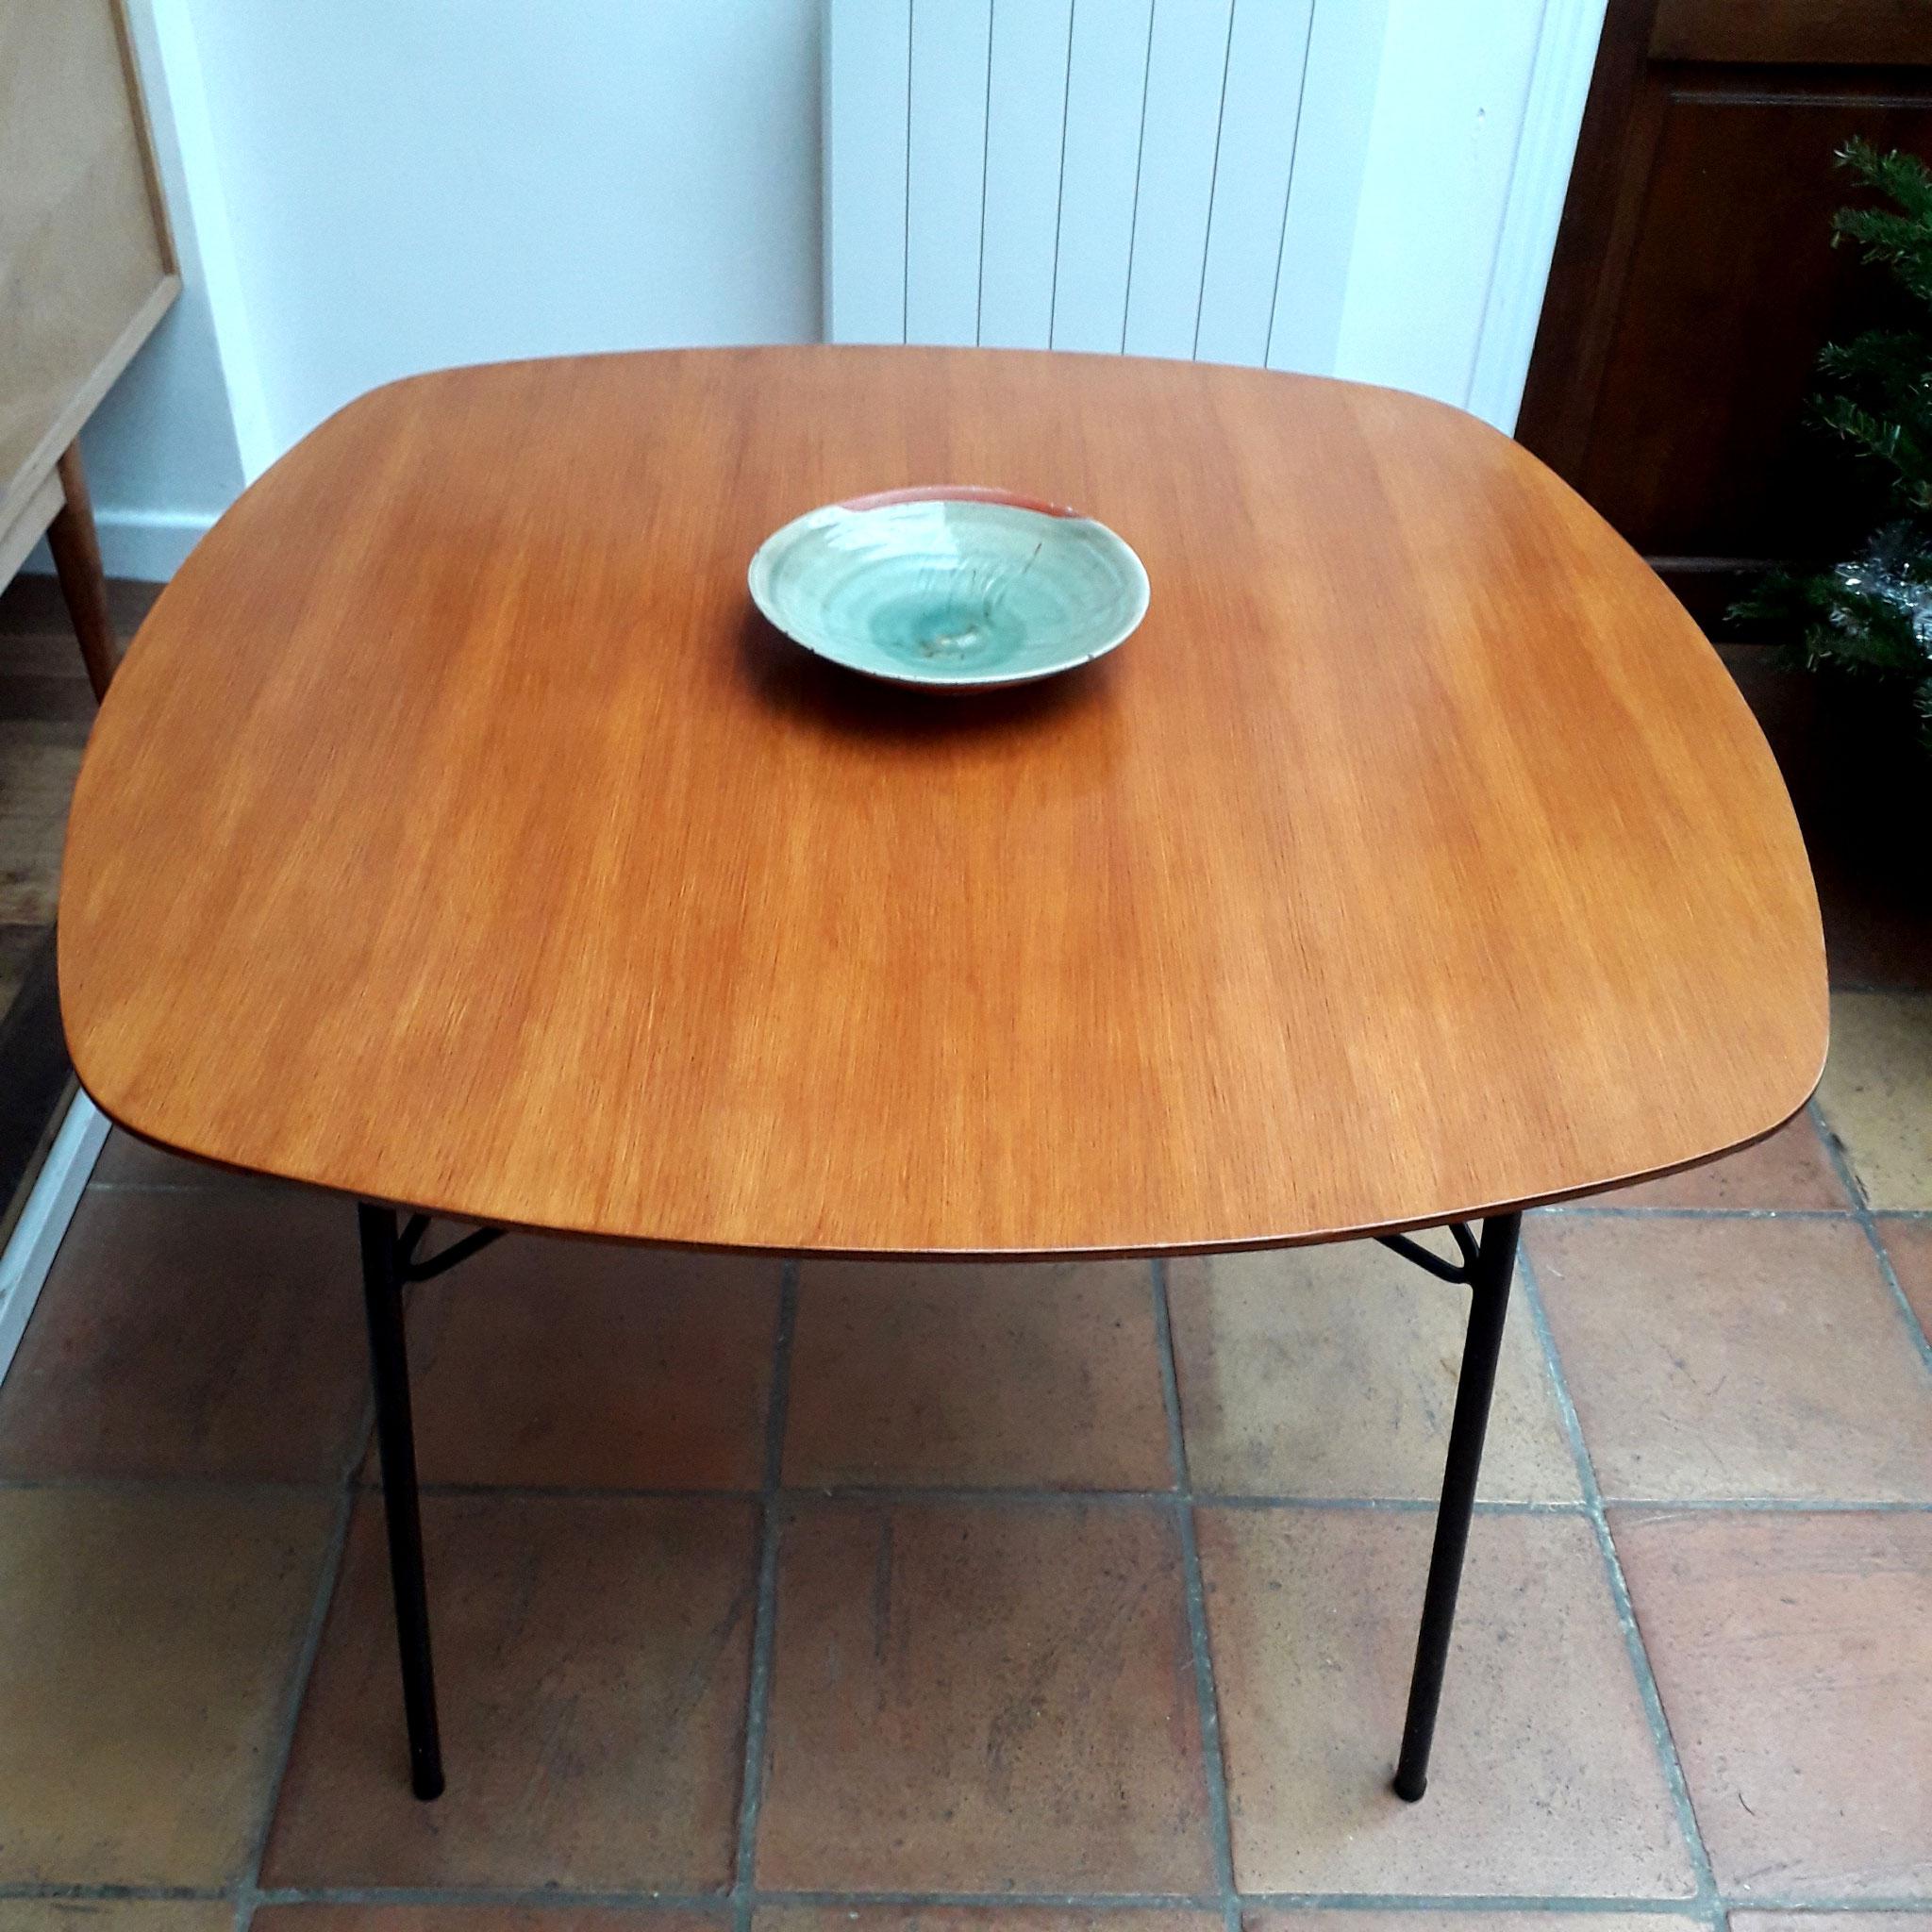 Table de salle à manger, édition Meubles T.V, c. 1954